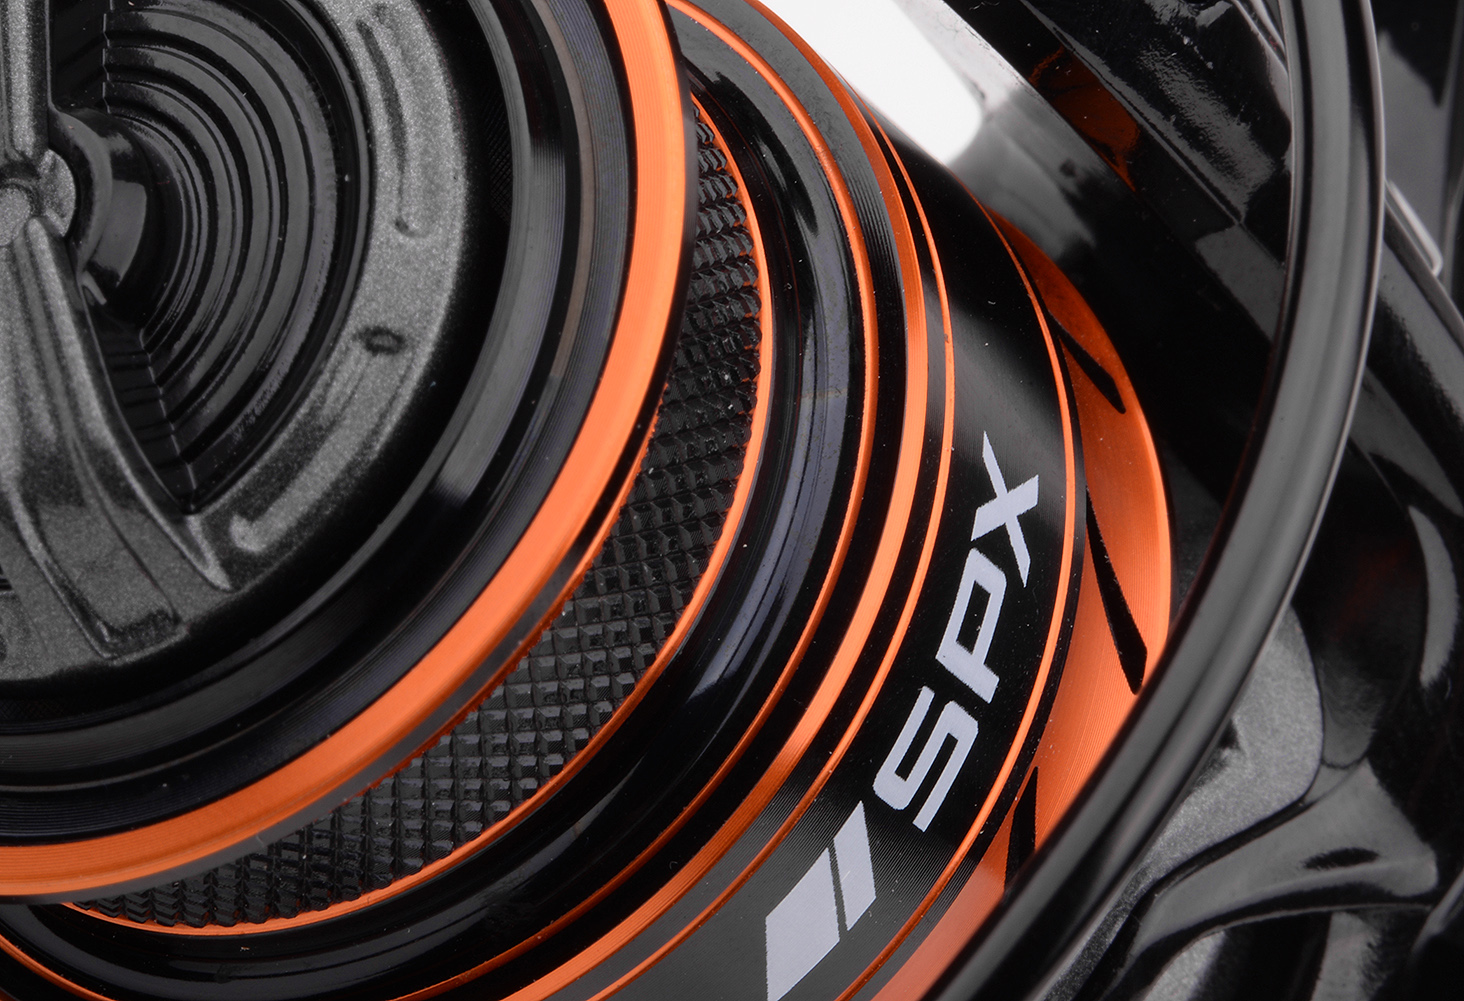 Spro SPX 4000_detail1.jpg